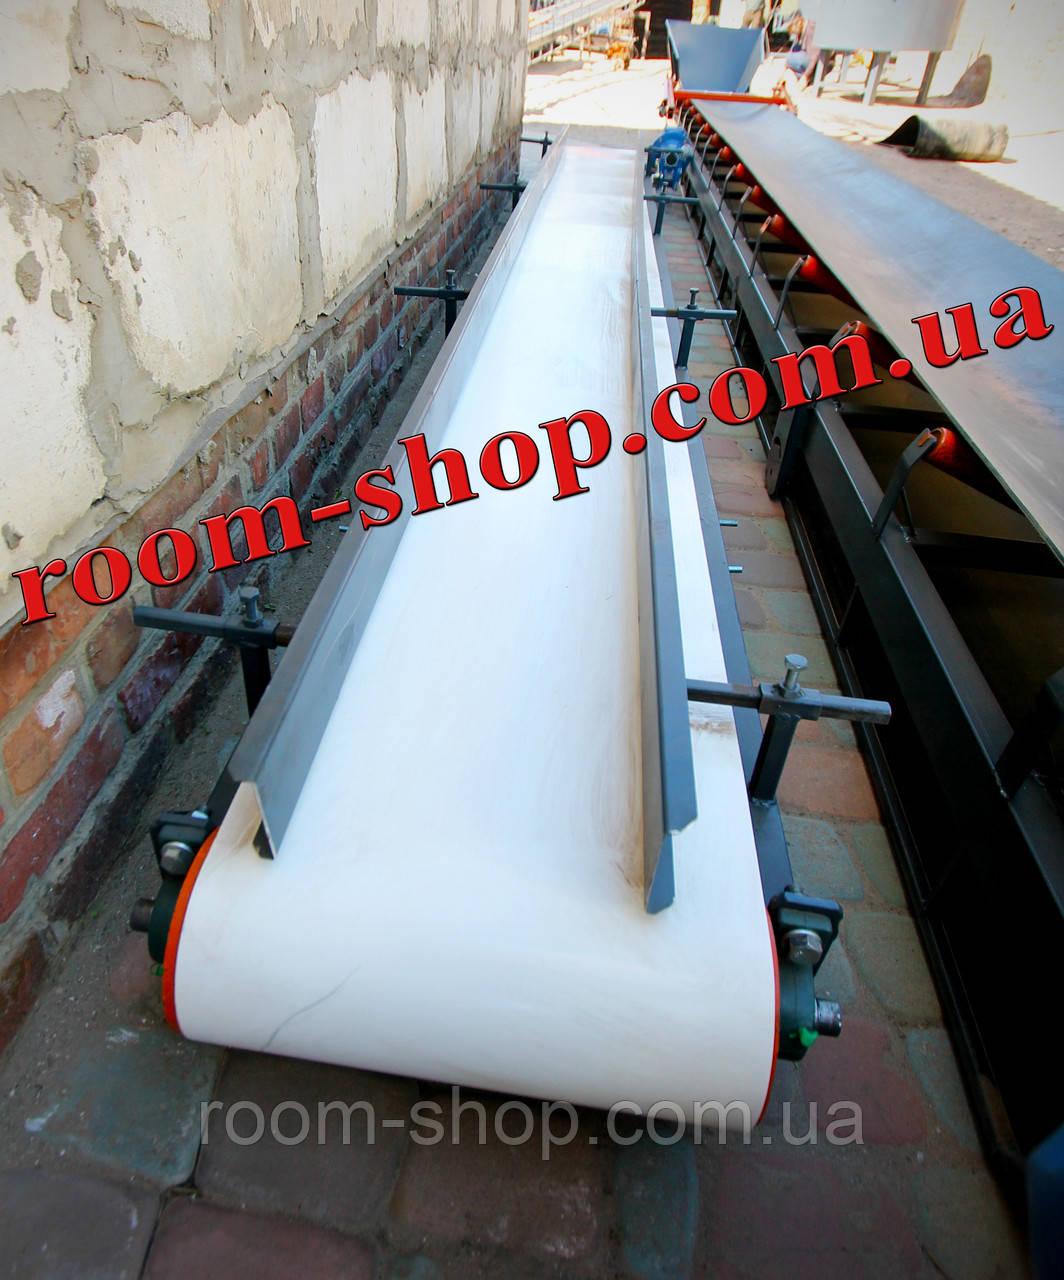 Стрічковий транспортер, з харчовою плівкою, конвеєр. ширина 400 мм, стрічковий конвеєр, харчова стрічка